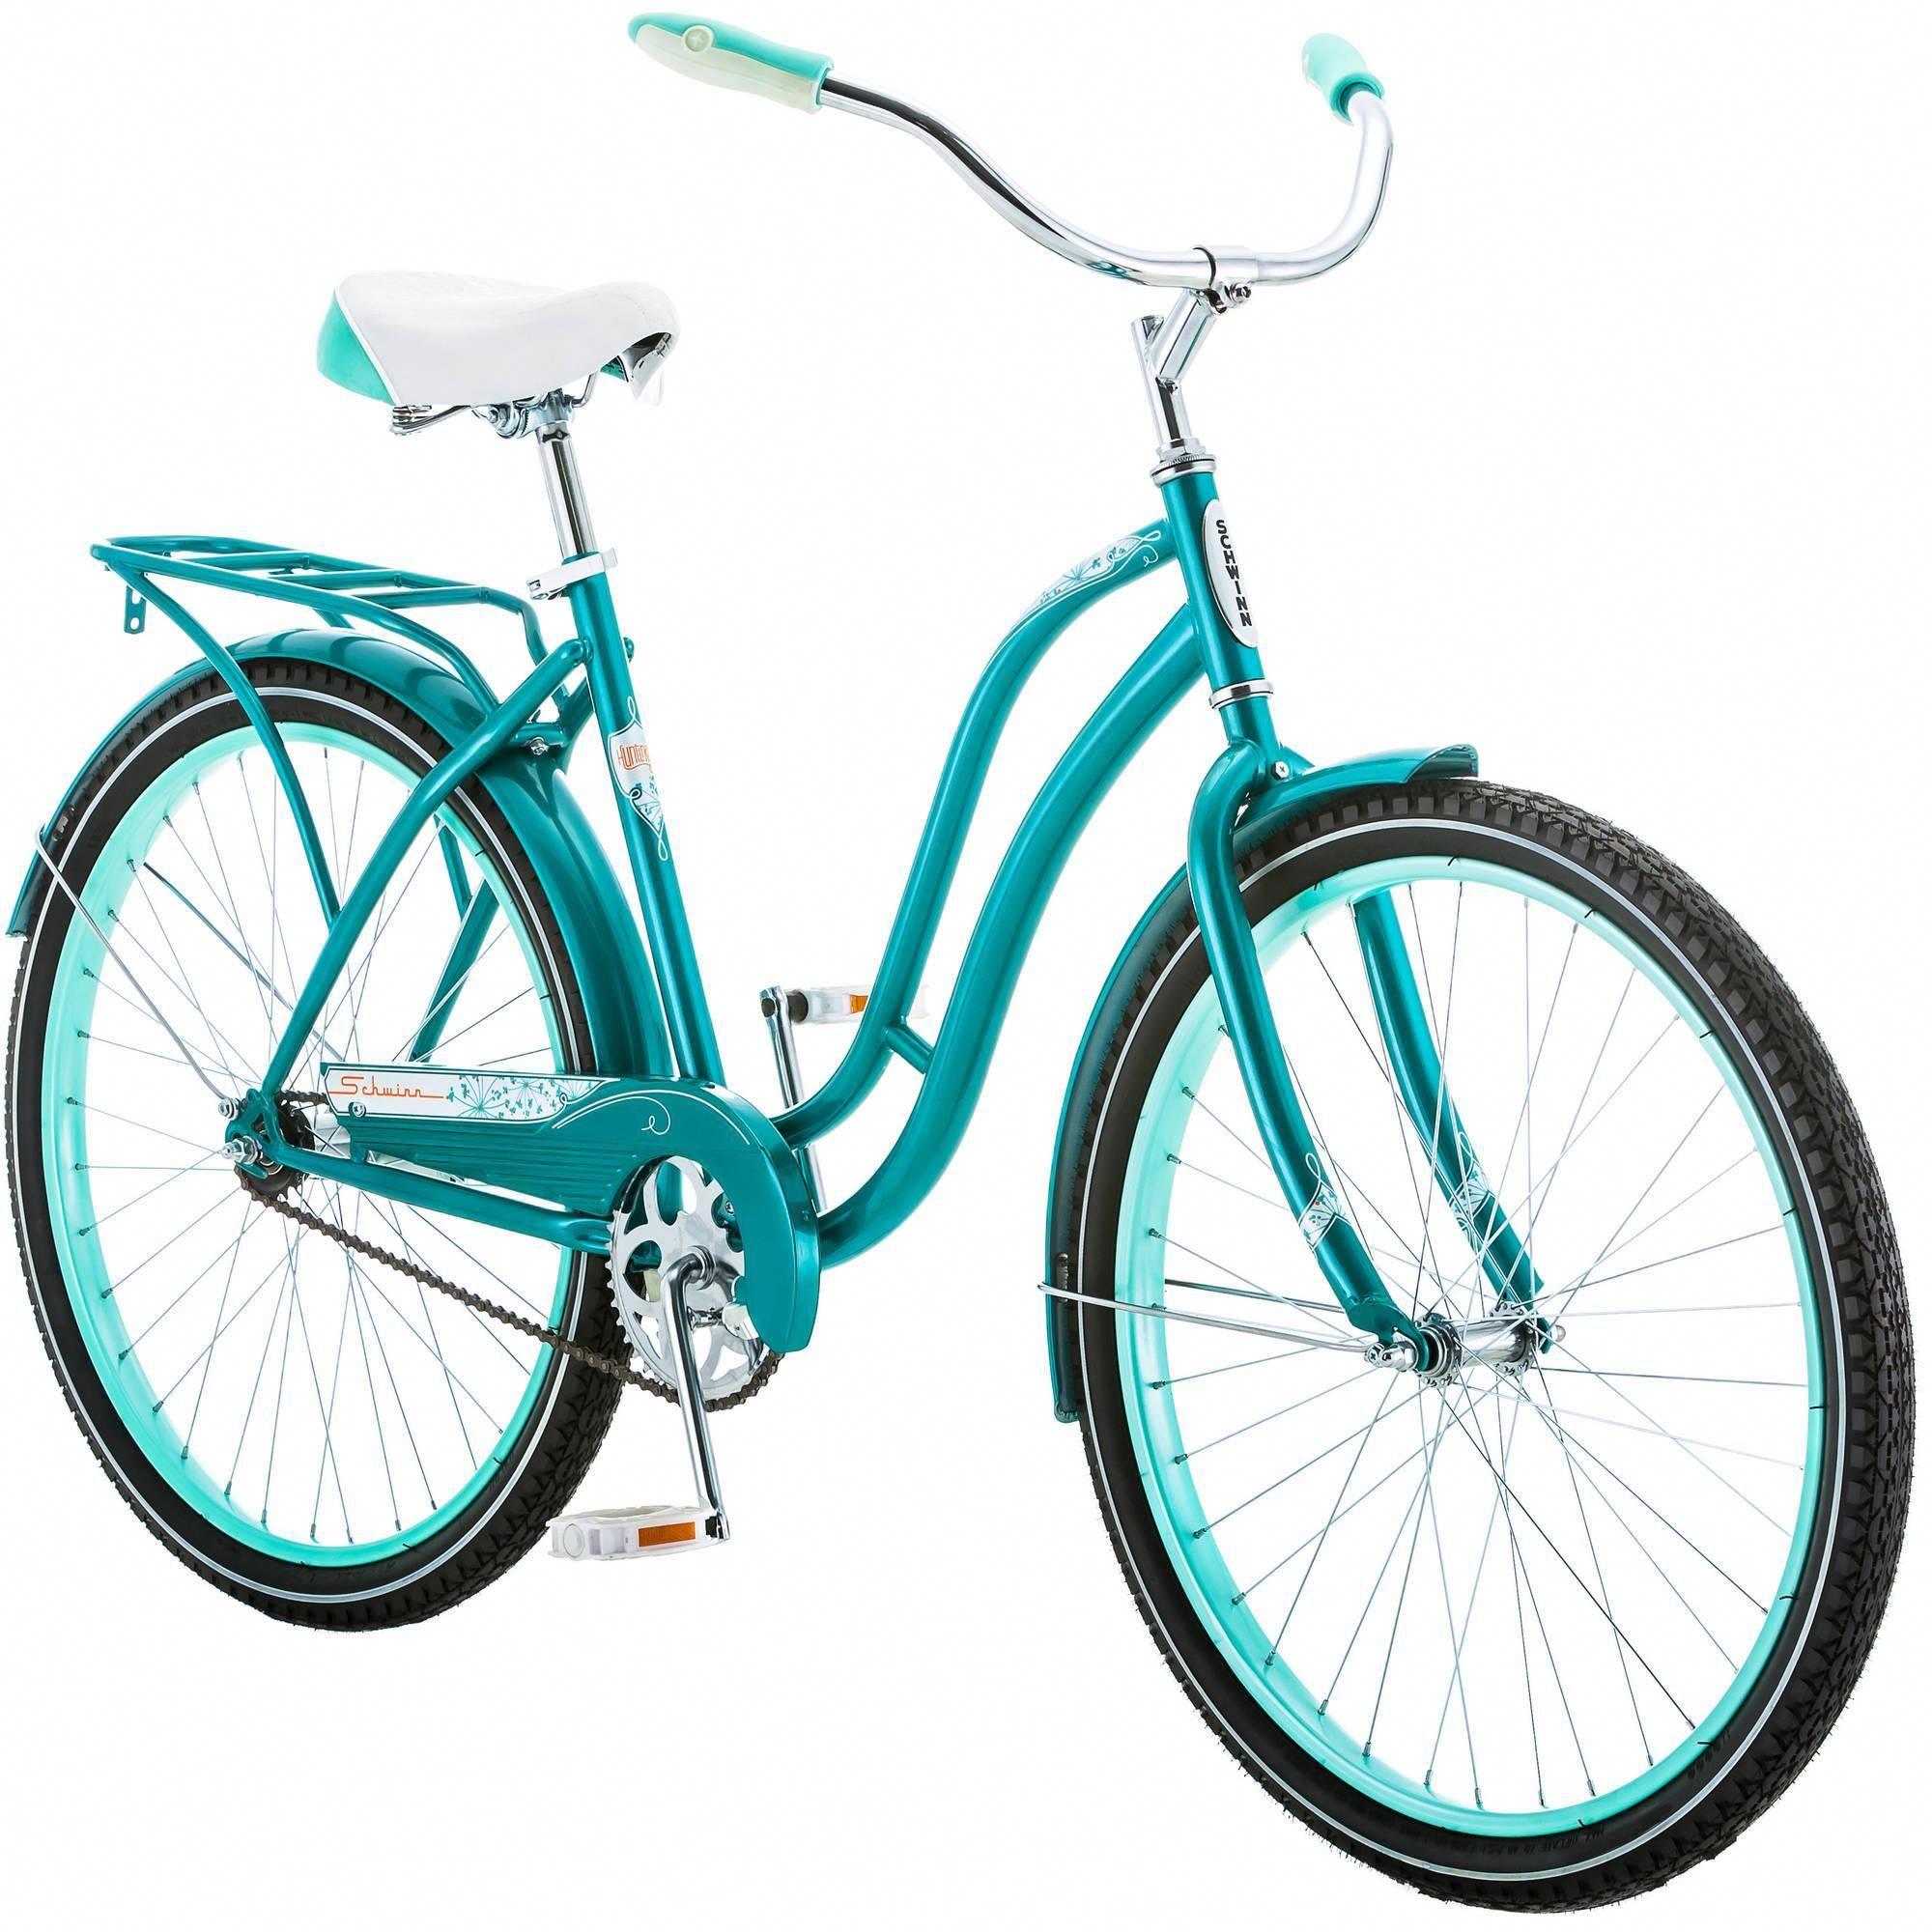 Pin On Best Bike Gear